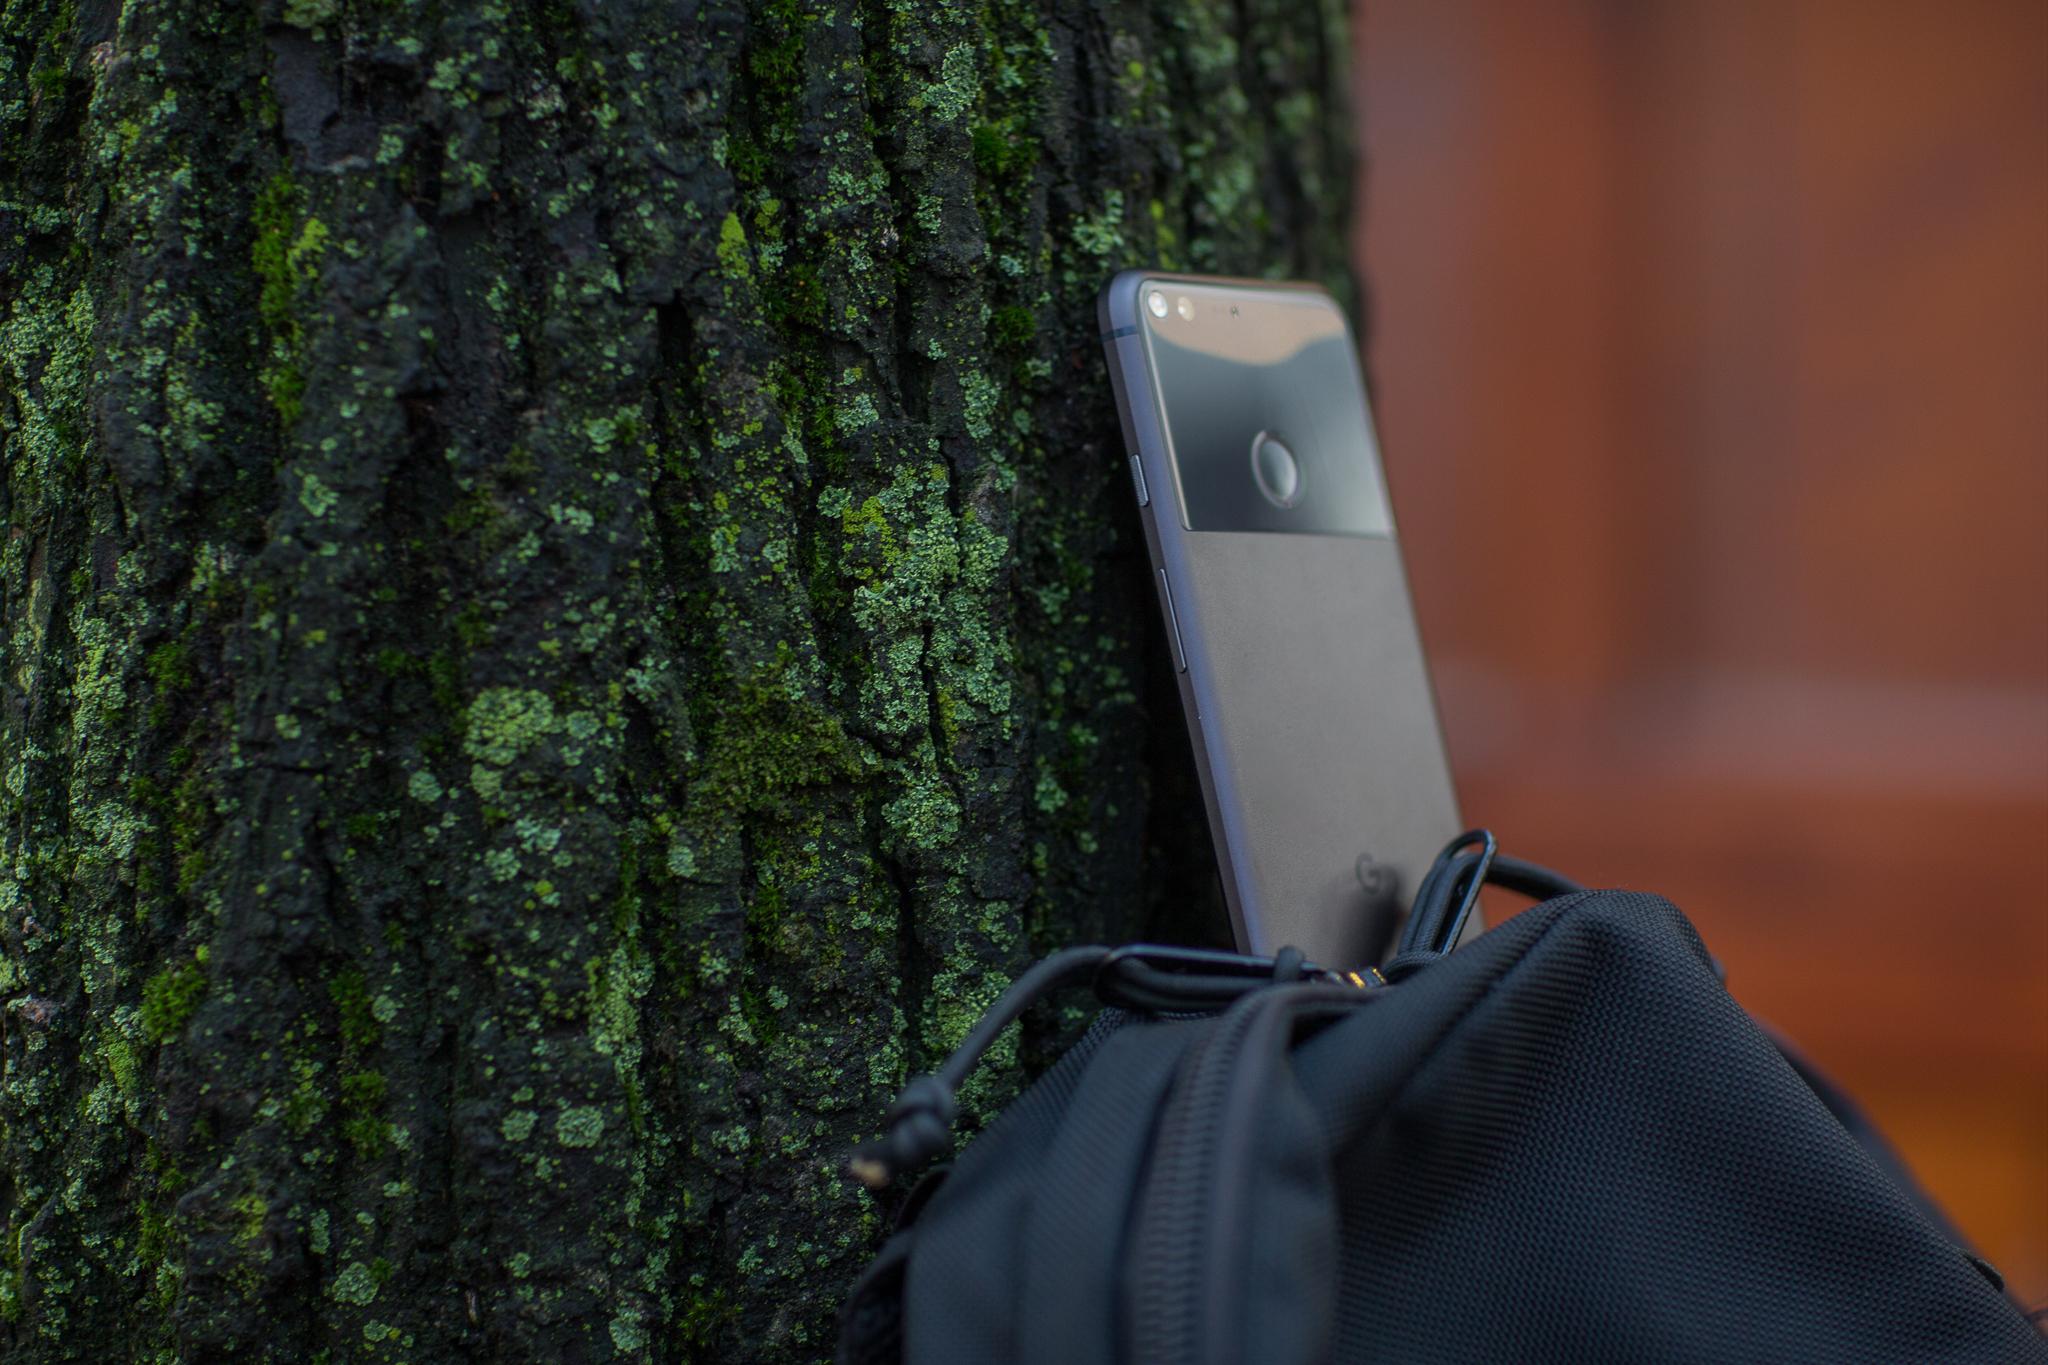 Pixel tar seg bedre ut på baksiden, men føles ikke like dyr i hånda som lommeboka har blitt fattigere.